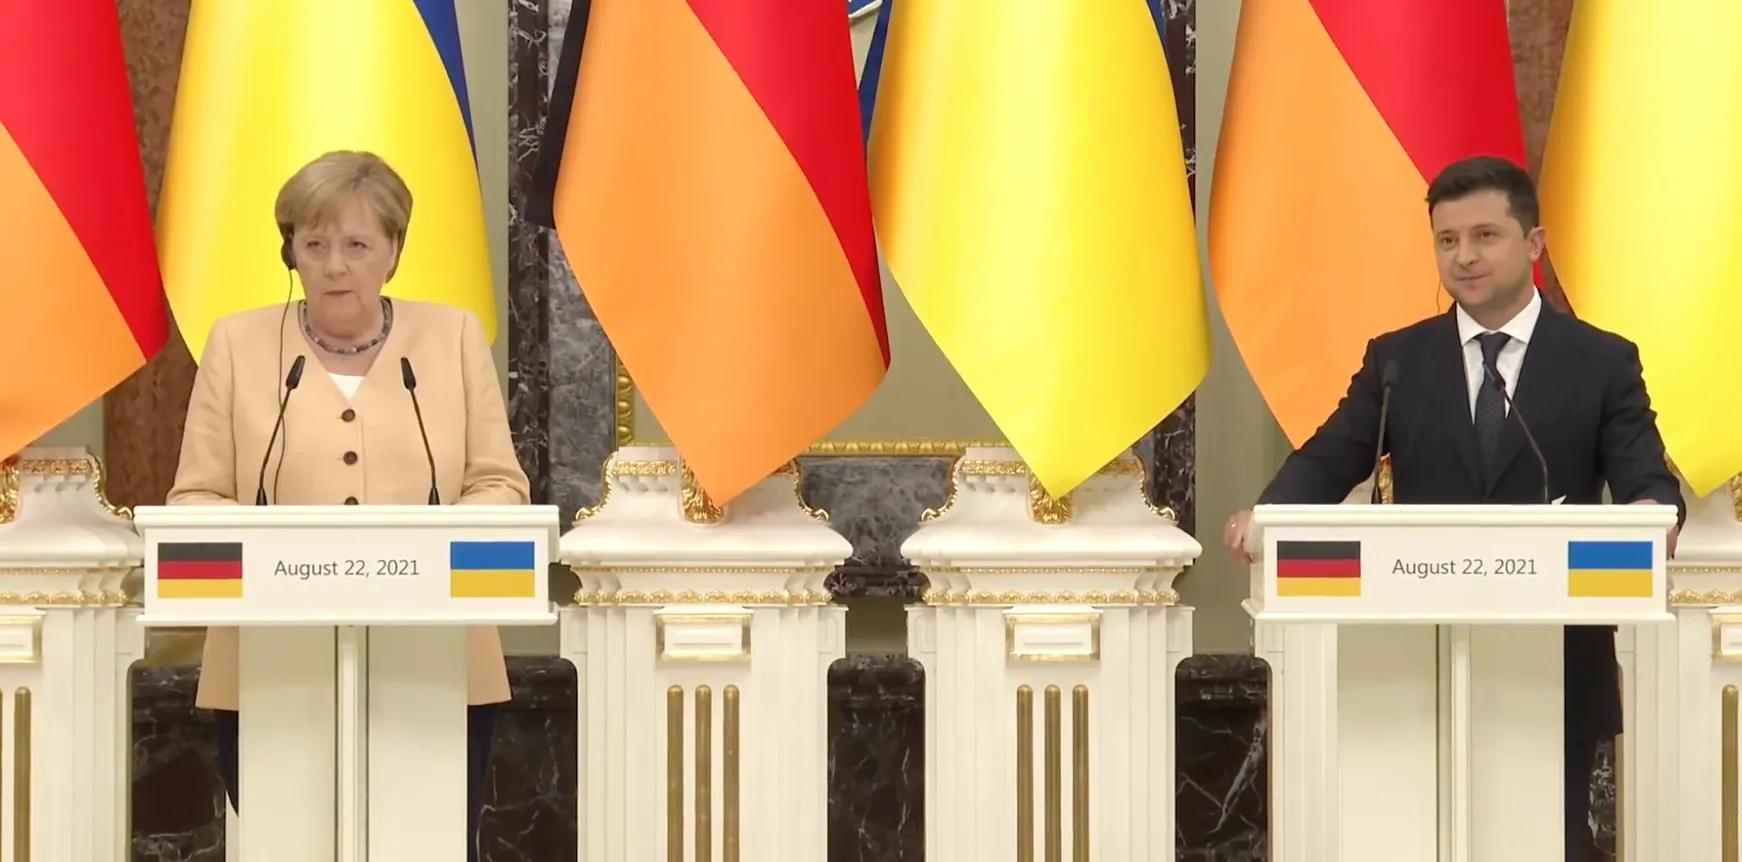 俄罗斯政府将乌克兰外长等七十余人列入制裁名单!插图1-小狮座俄罗斯留学